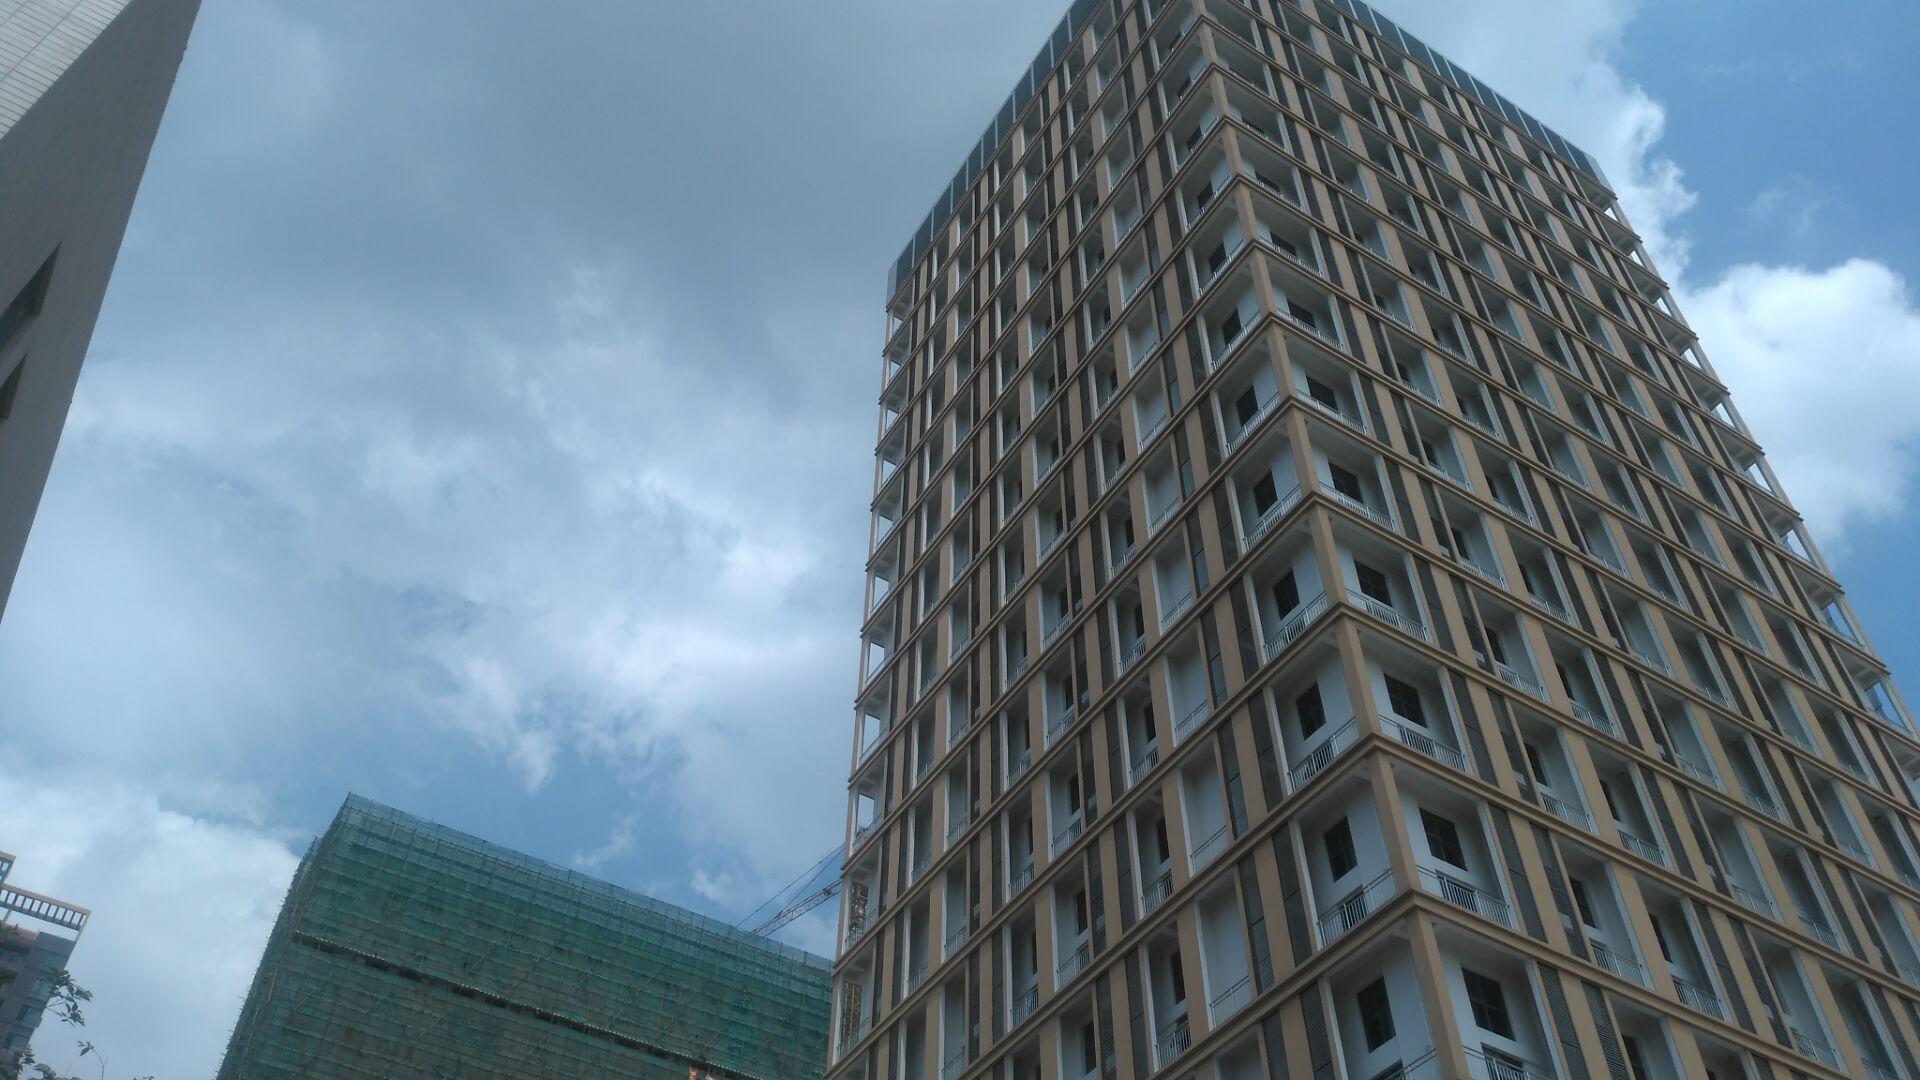 大厦 建筑 1920_1080